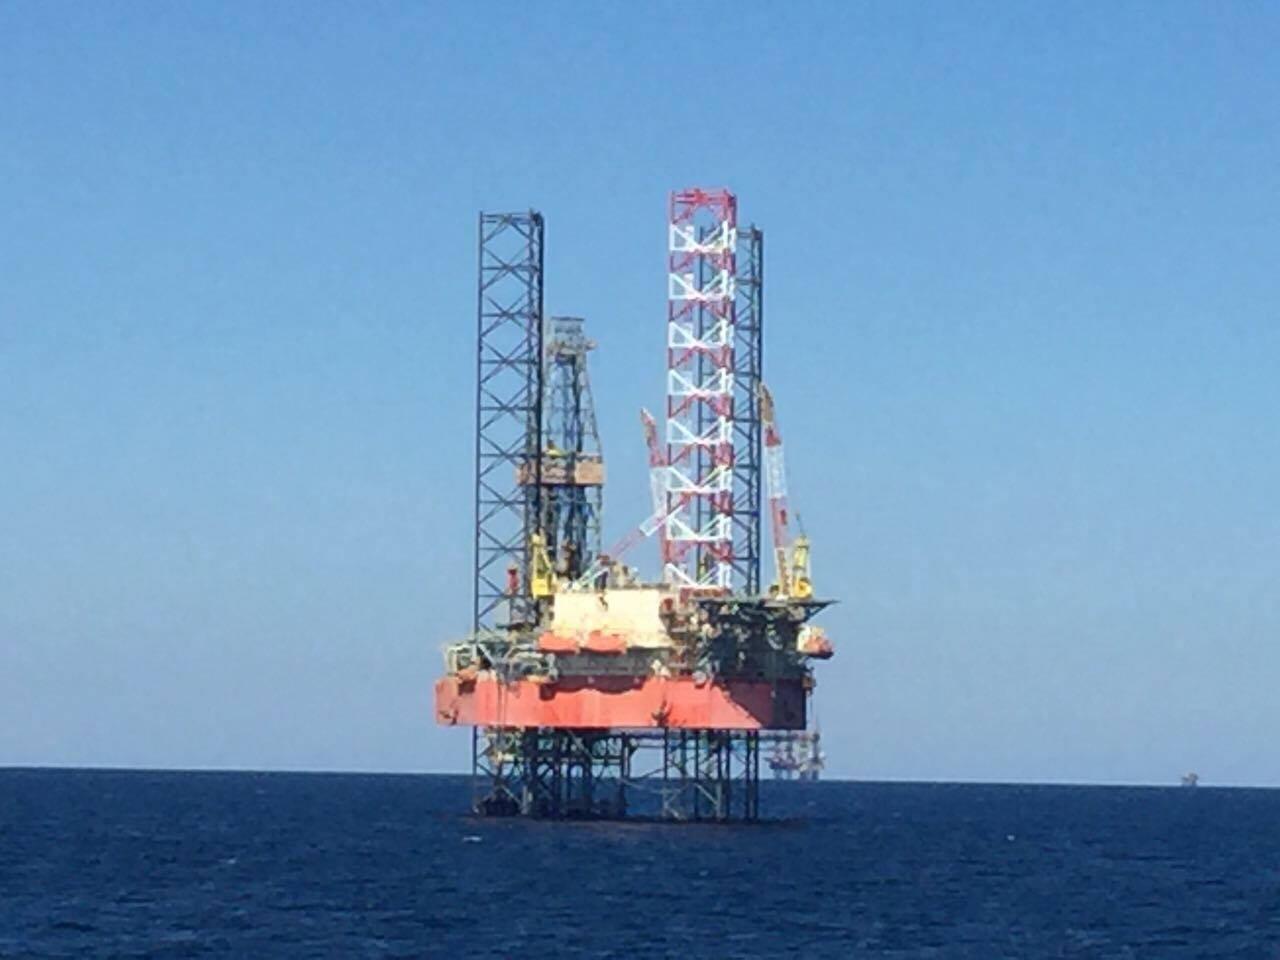 Frontera подає скарги до Міністерства енергетики США щодо УРП по ділянці «Дельфін»